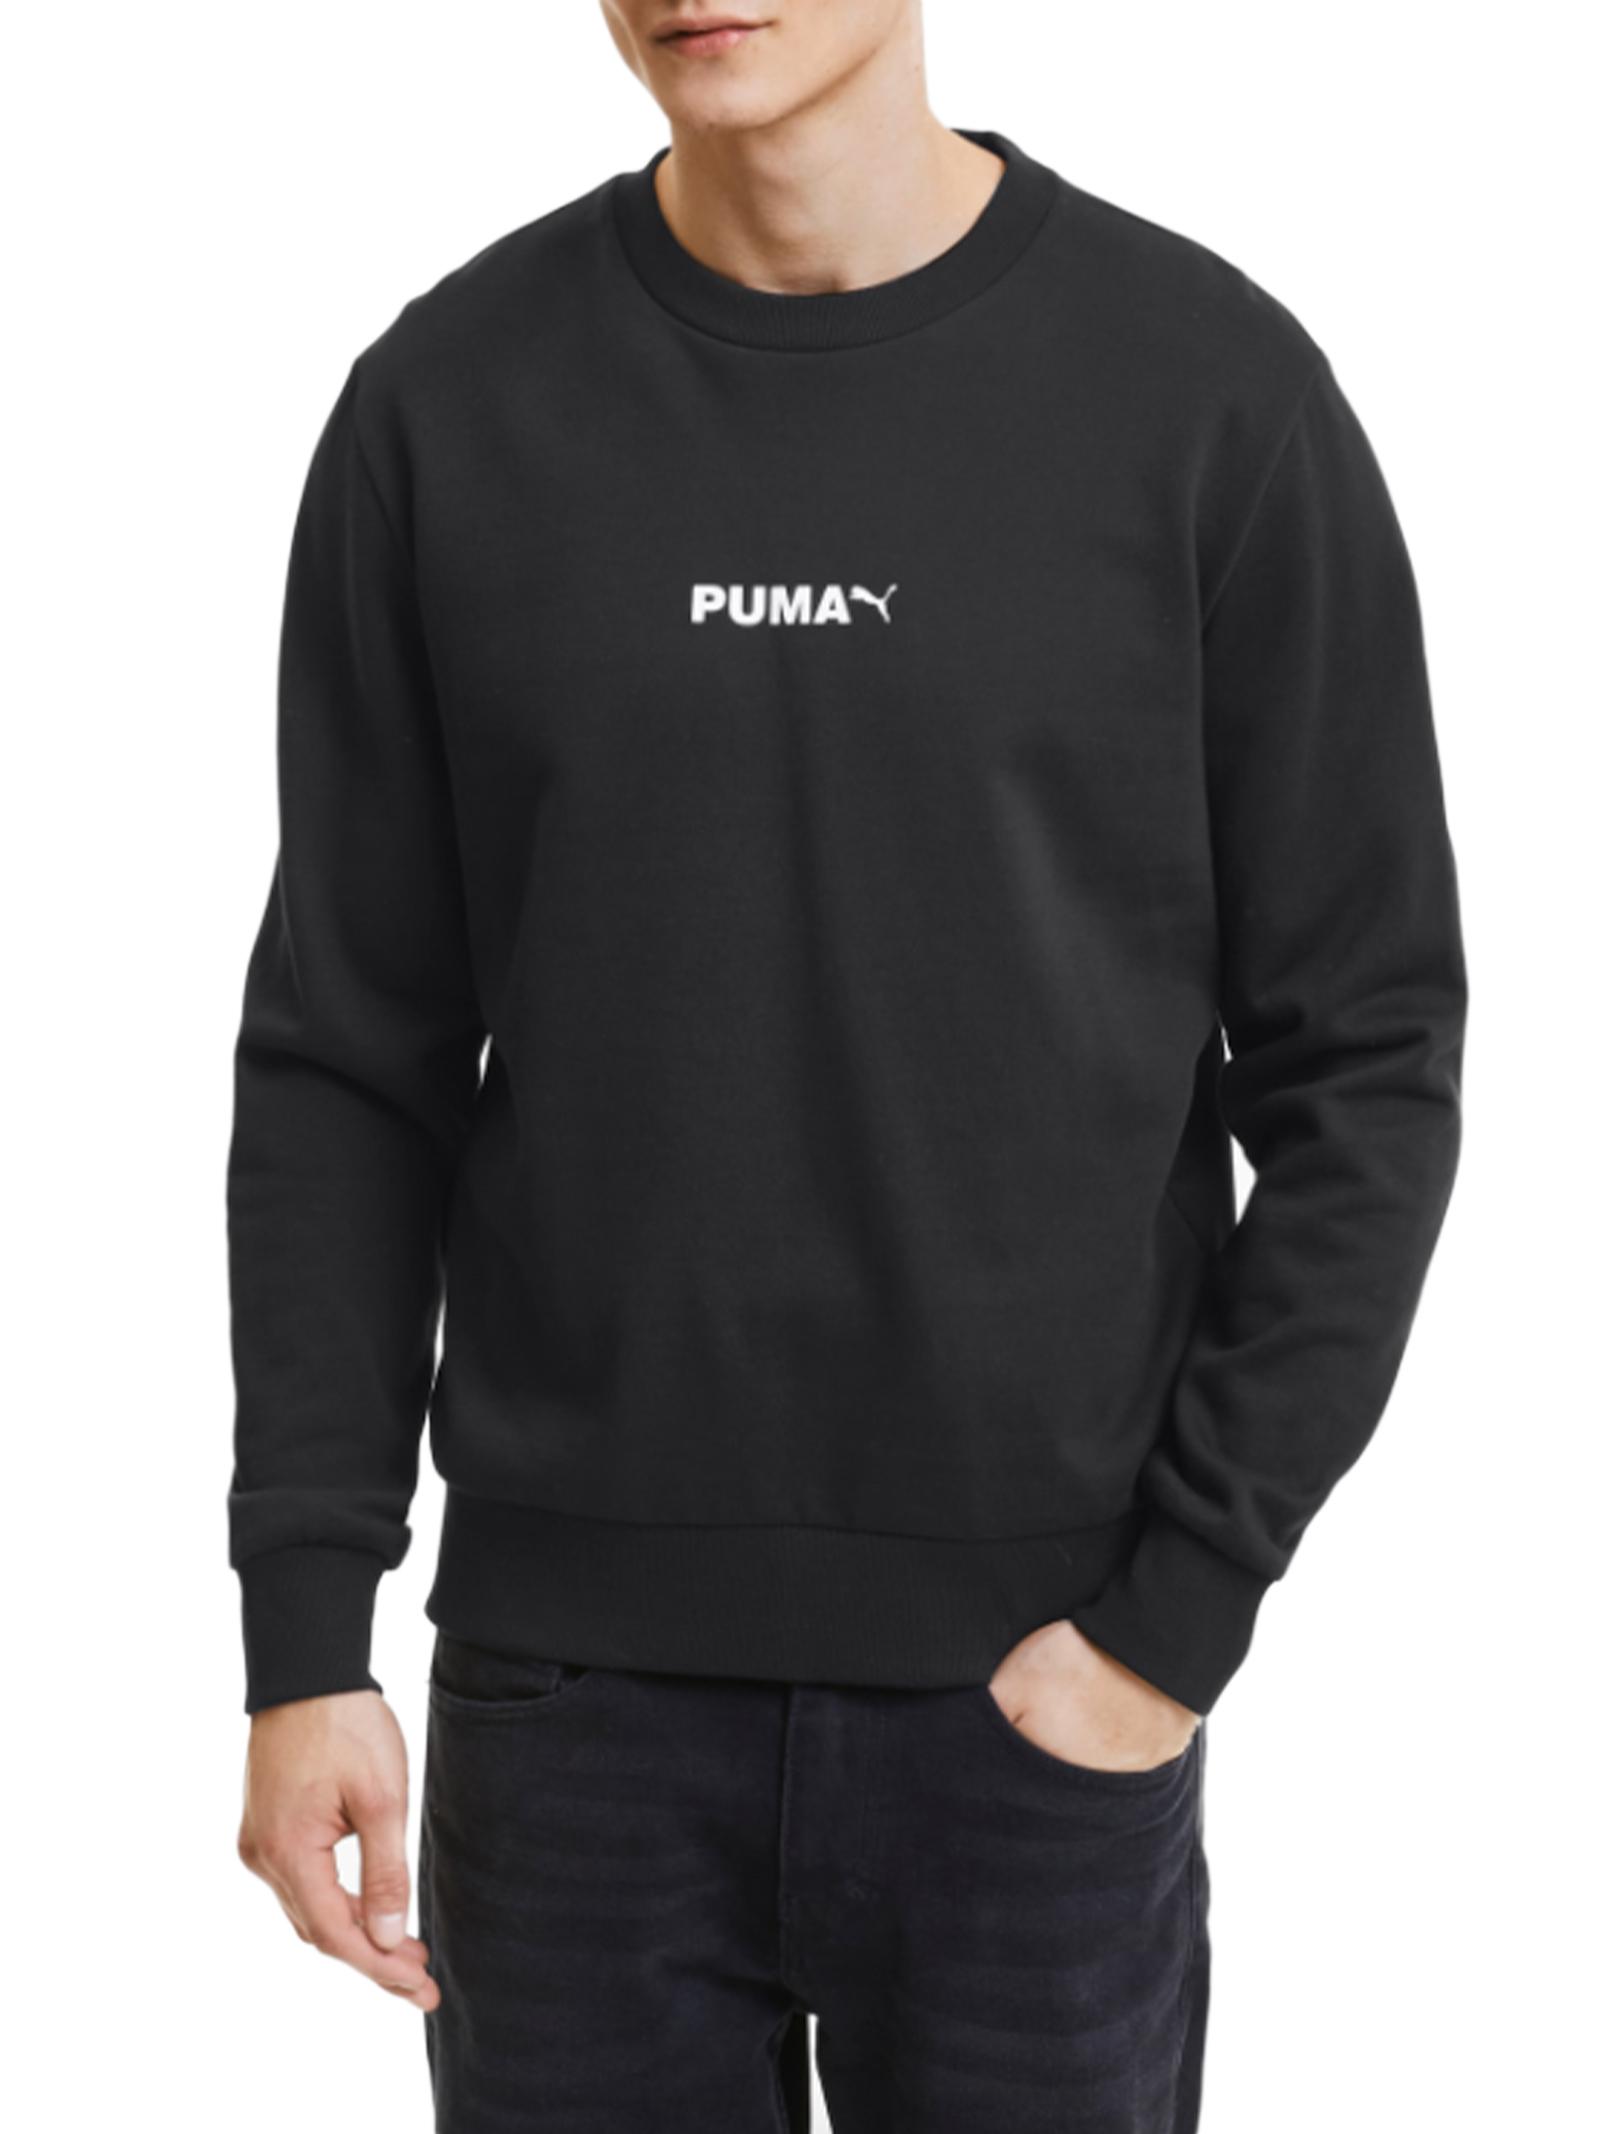 Puma Avenir Graphic Crew Felpa da Uomo